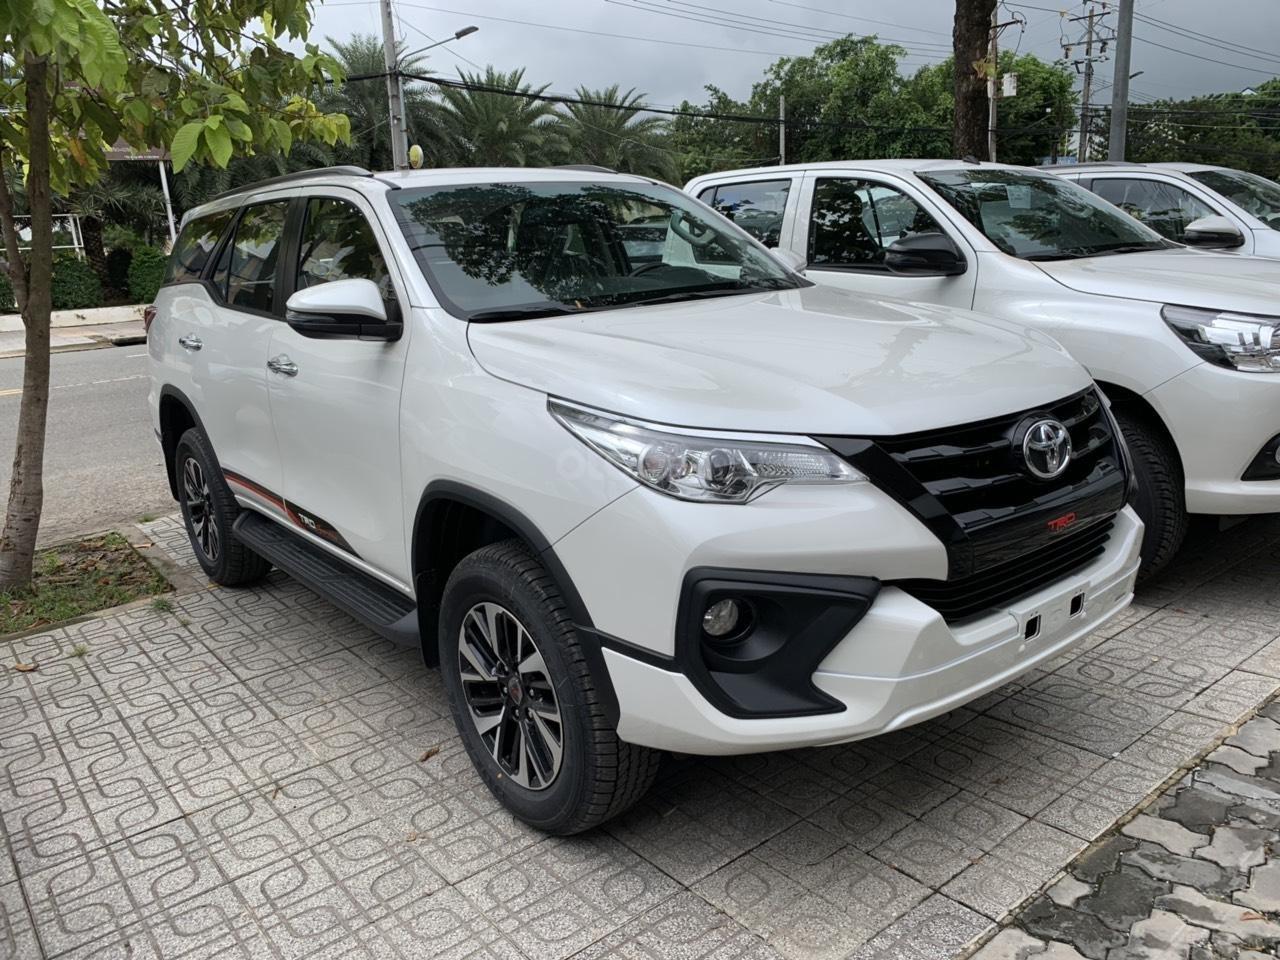 Bán trả góp xe Toyota Fortuner TRD 2019 màu trắng tại Toyota Tây Ninh (2)